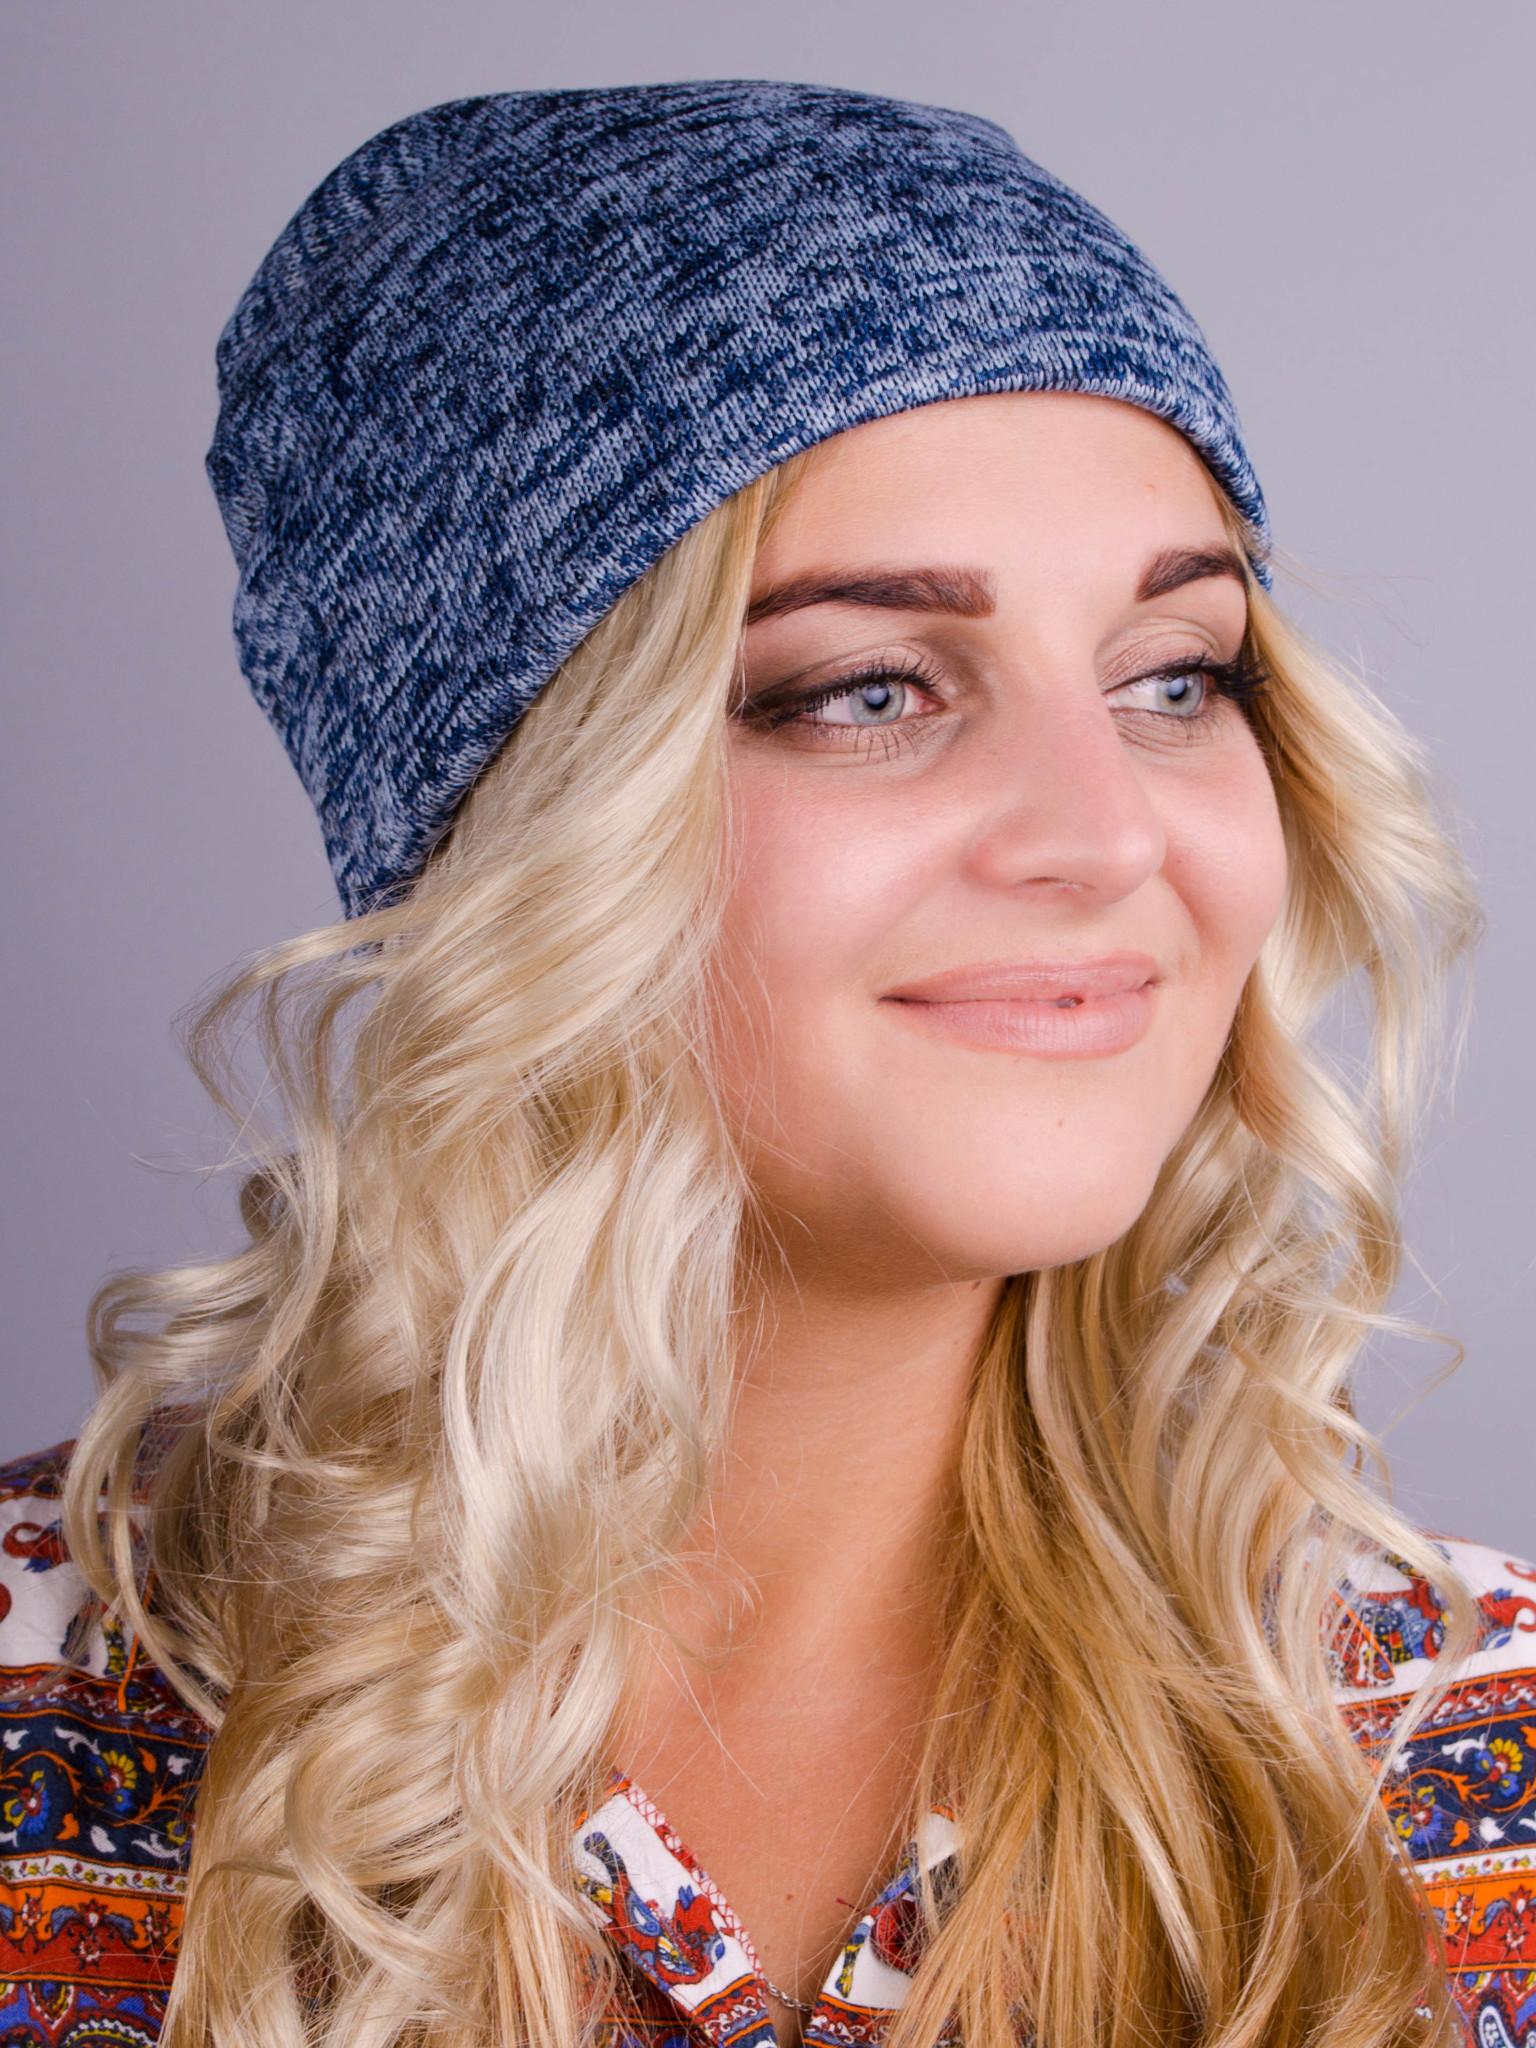 Фешн. Молодіжні жіночі шапки. Блакитний ангора фліс. 347856abfeae3